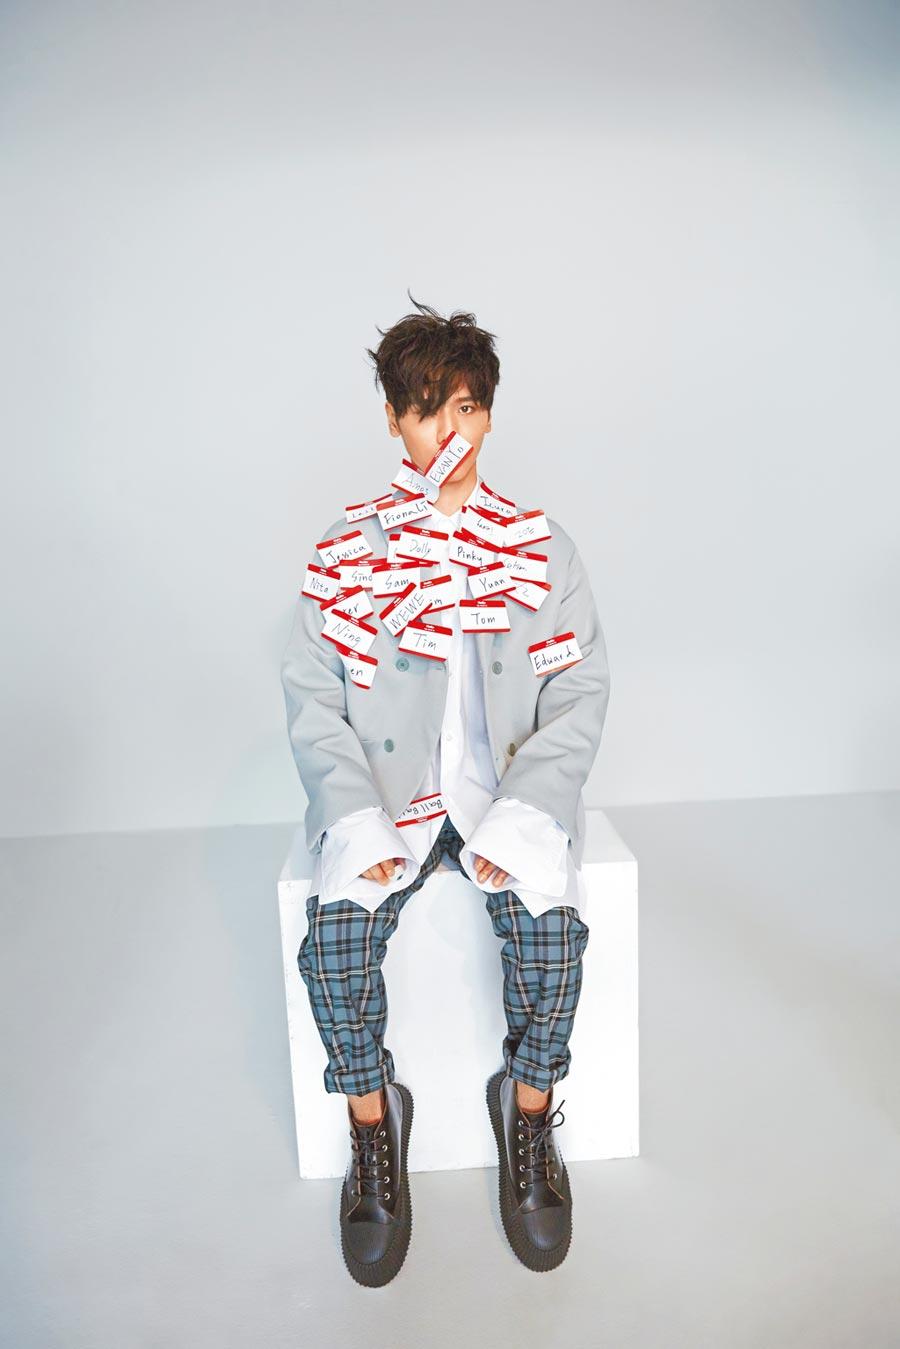 蔡旻佑加盟新東家何樂音樂,將推出全新專輯《變心記》。